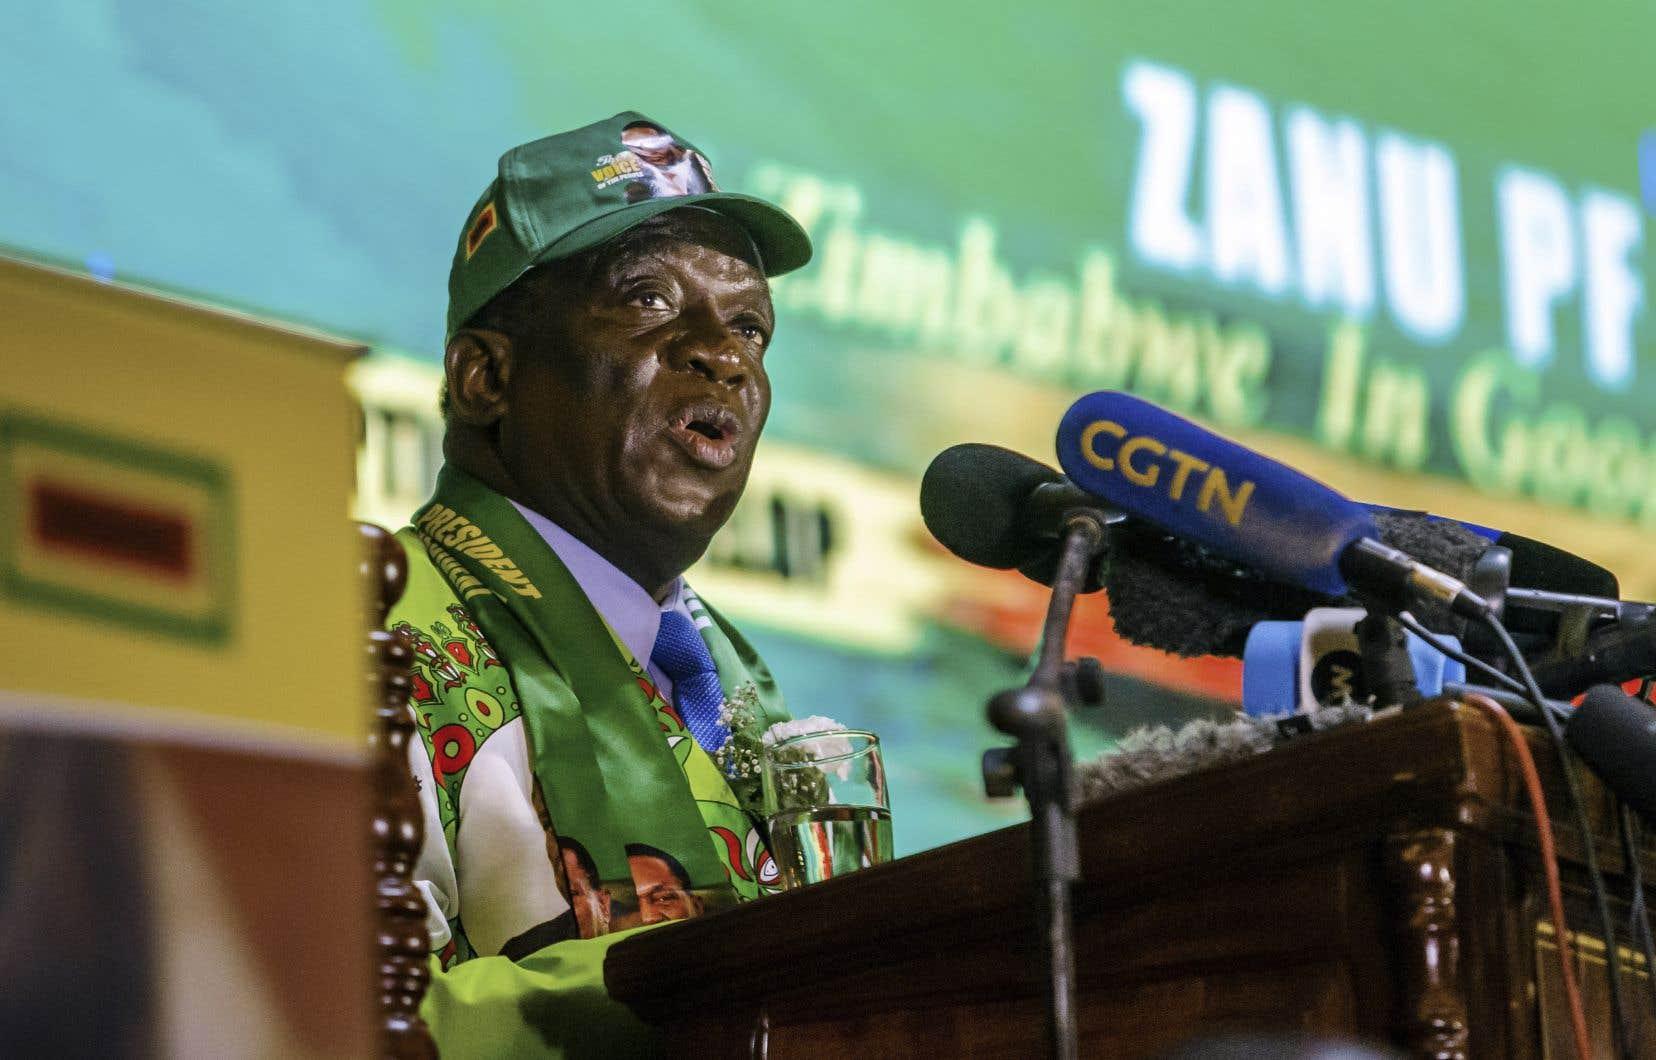 Emmerson Mnangagwa avait promis des réformes démocratiques lorsqu'il a pris le pouvoir.